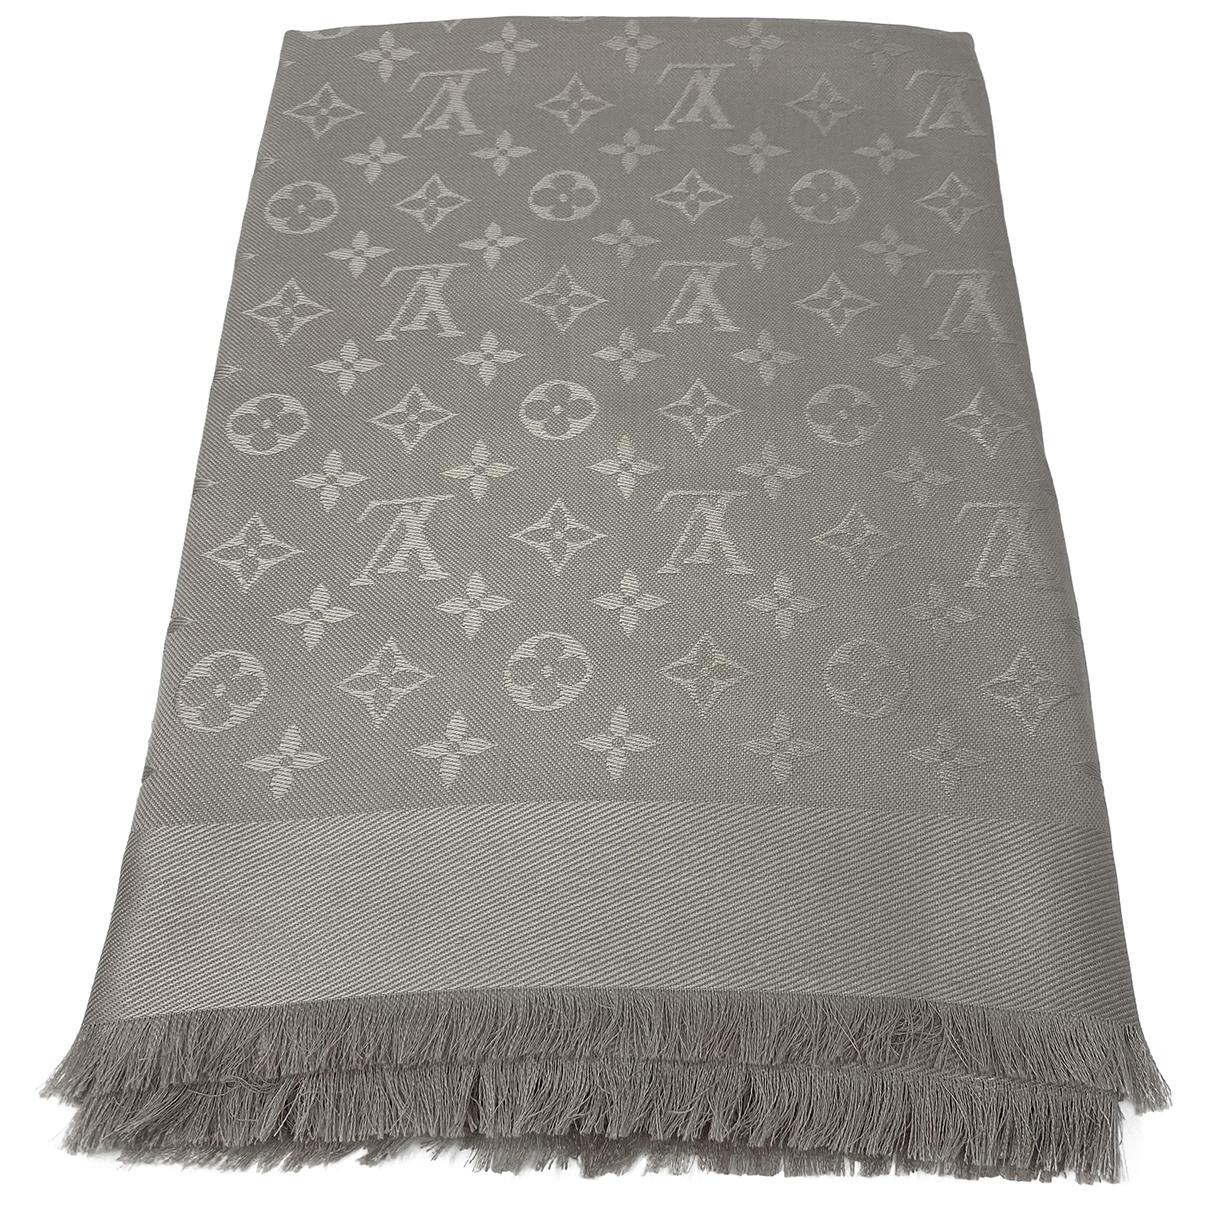 Louis Vuitton - Foulard Chale Monogram pour femme en laine - beige